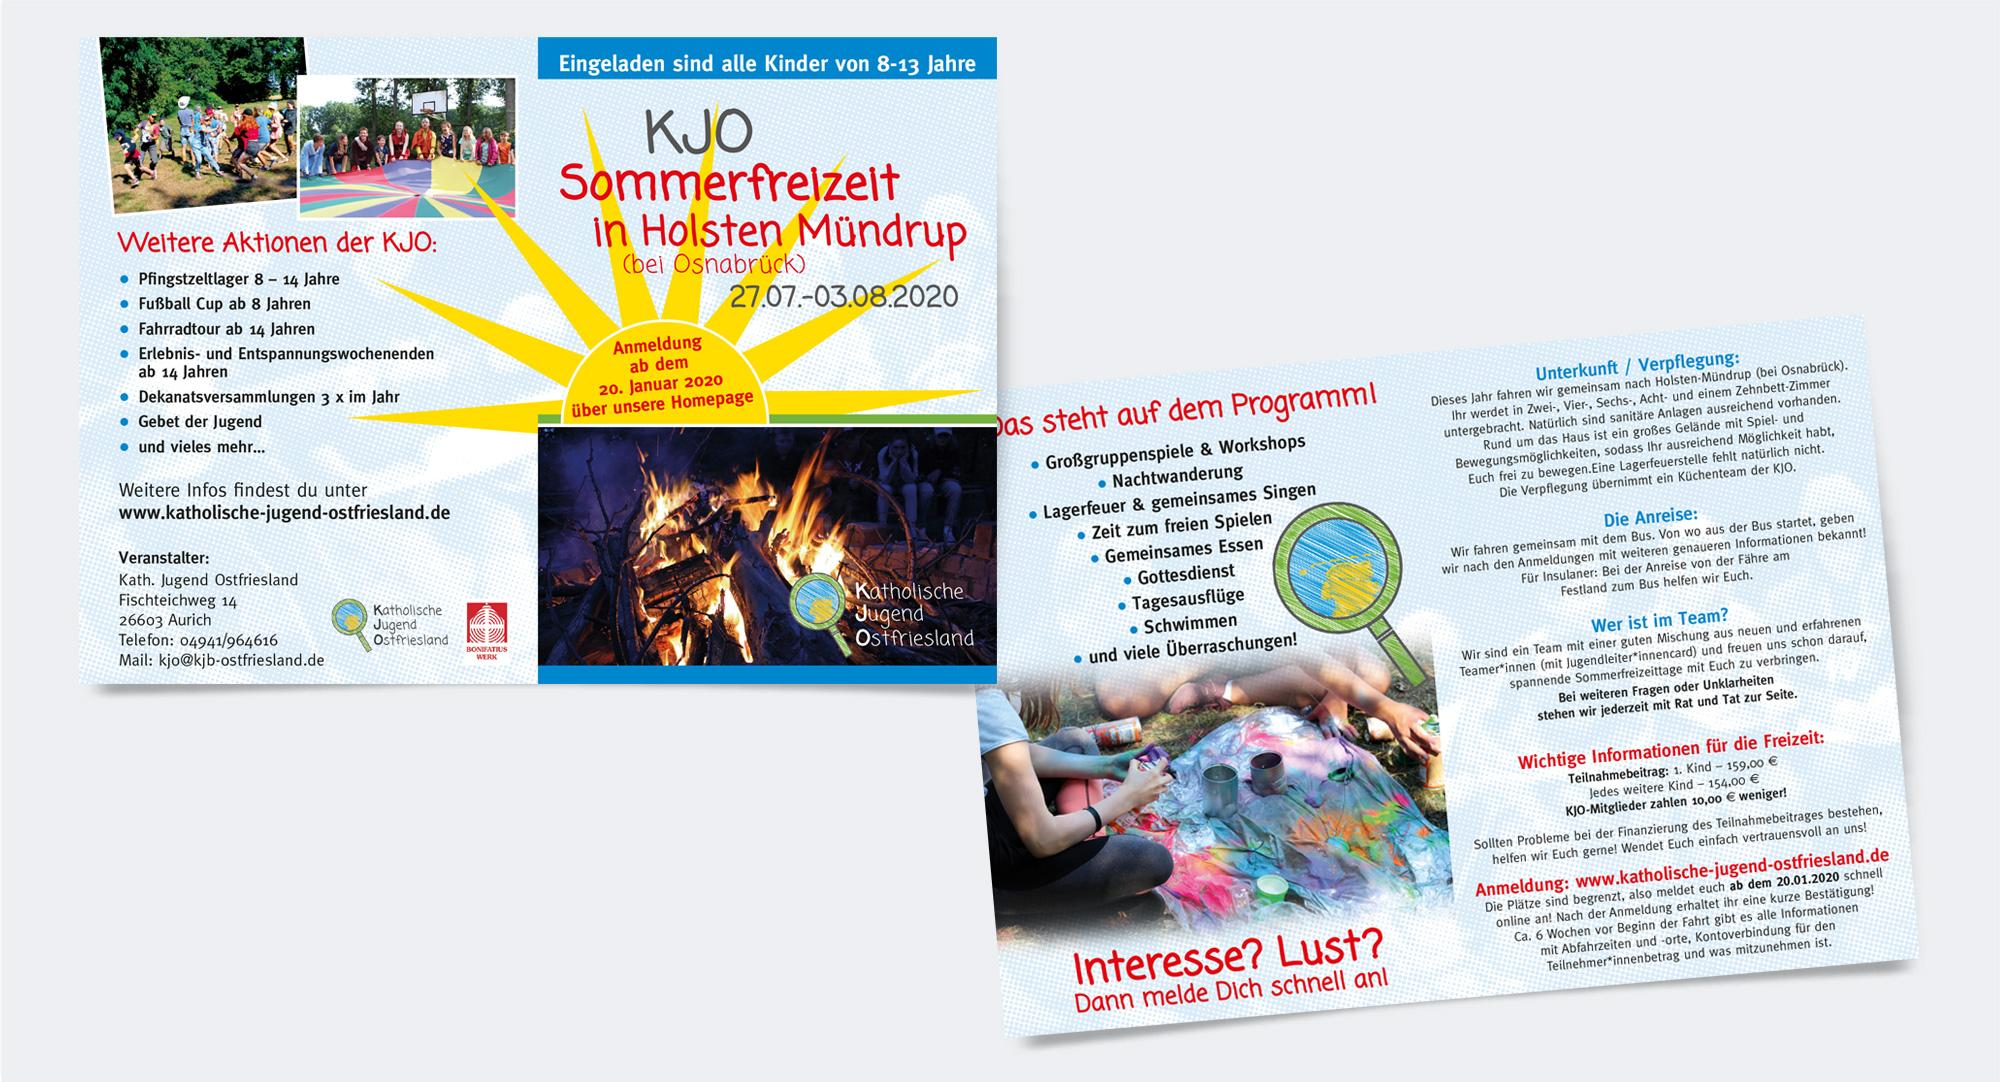 Katholische Jugend Ostfriesland, Flyer für die Sommerfreizeit 2020